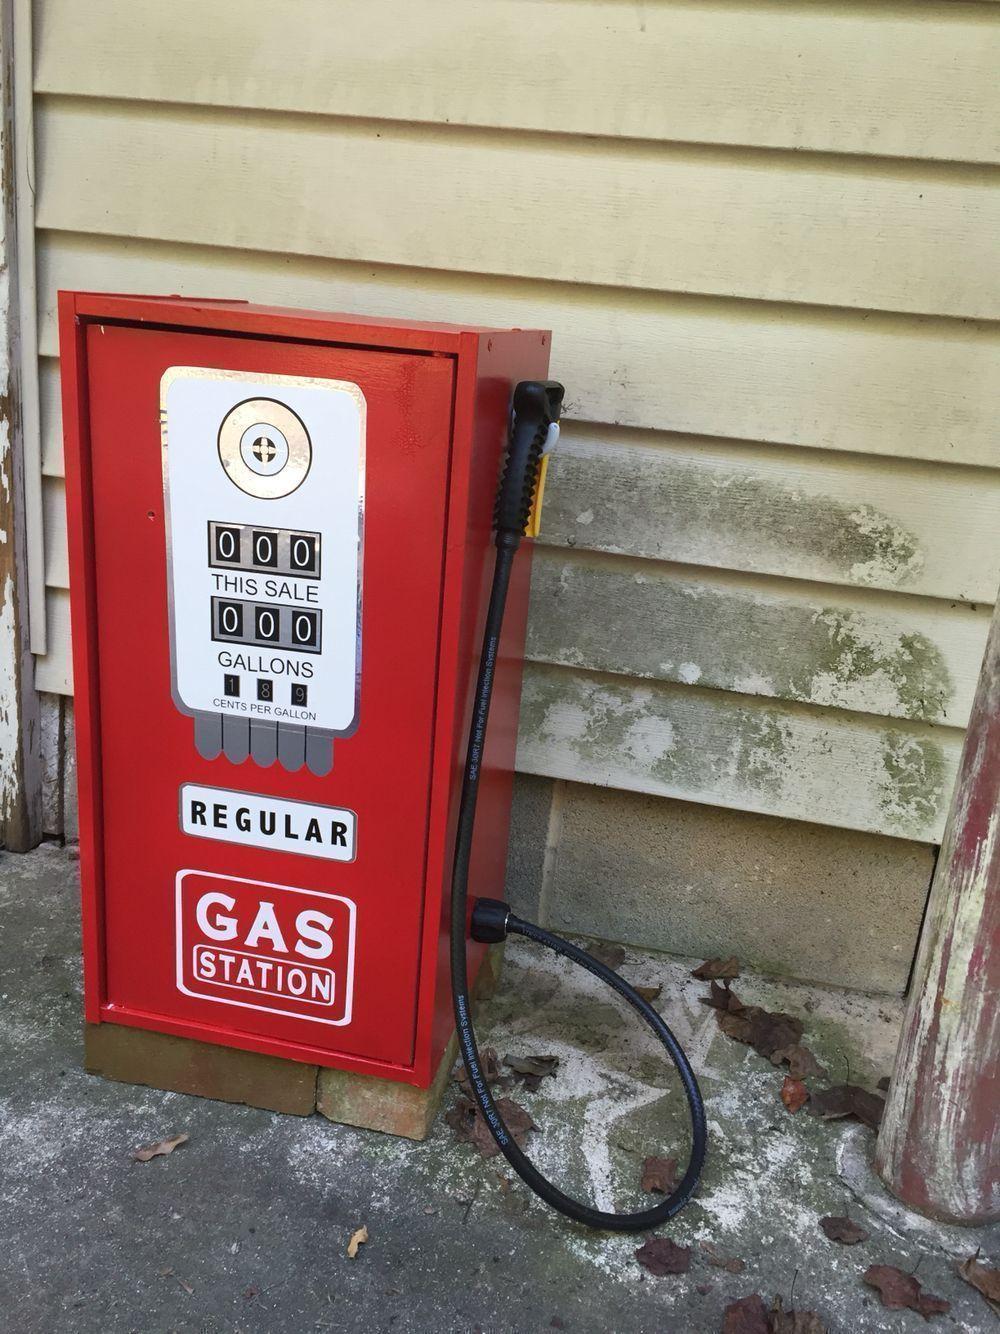 Toy gas pump from an old closet maid shelf, garden hose